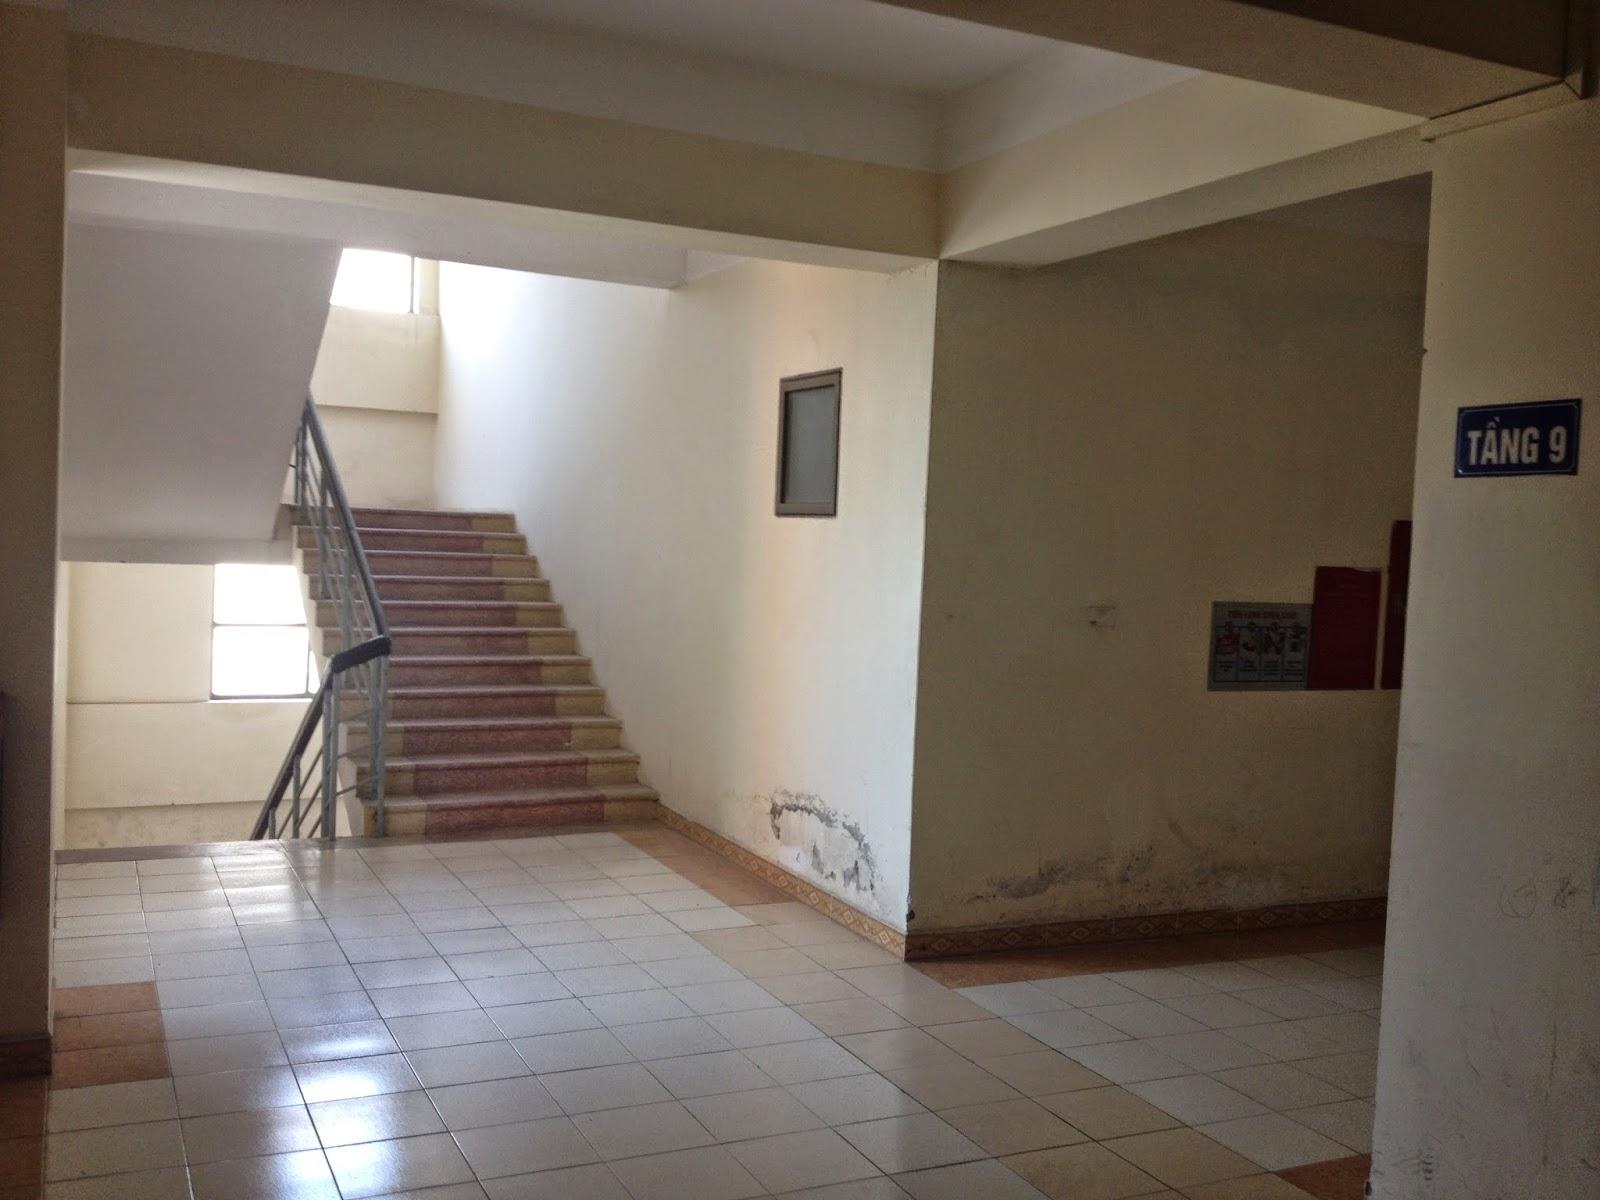 Hành lang căn hộ chung cư giá rẻ C5 Khu Đô Thị Mỹ Đình 1